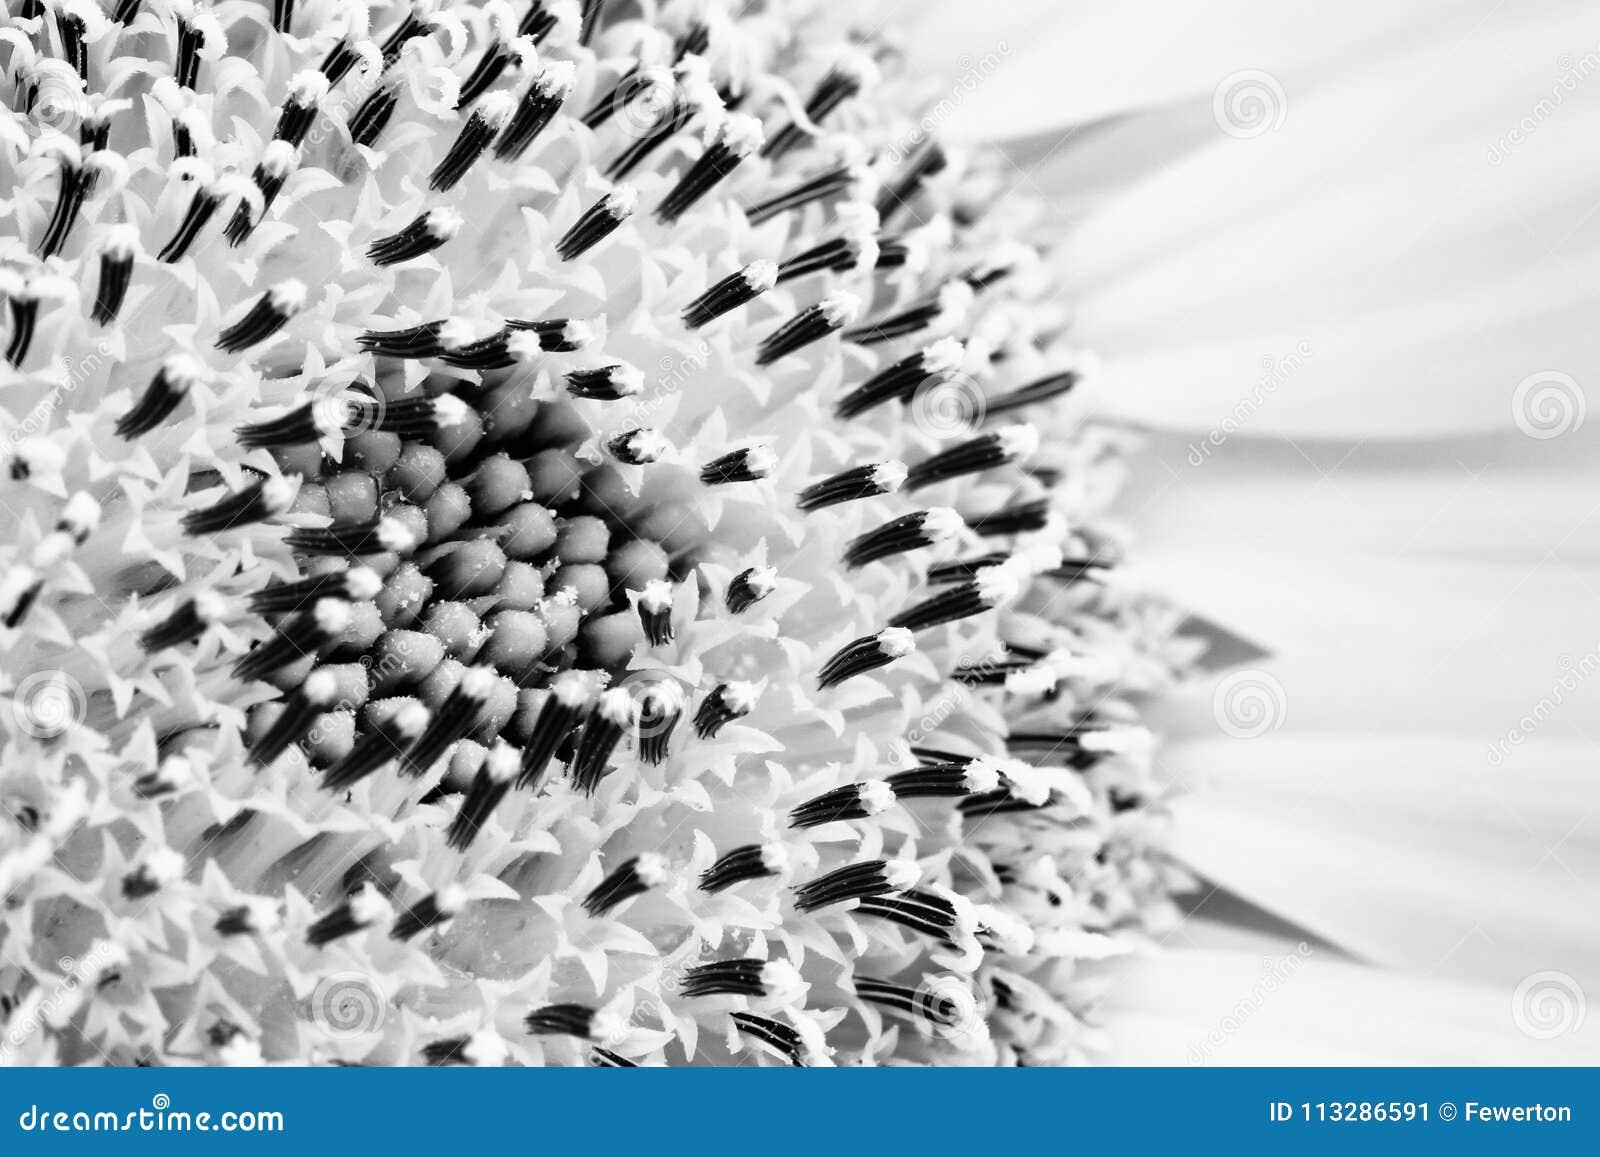 Słonecznikowy zakończenie wyszczególnia słonecznikowego dyska i talerzowych kwiaty florets w BW czarny i biały lub promienia i ma